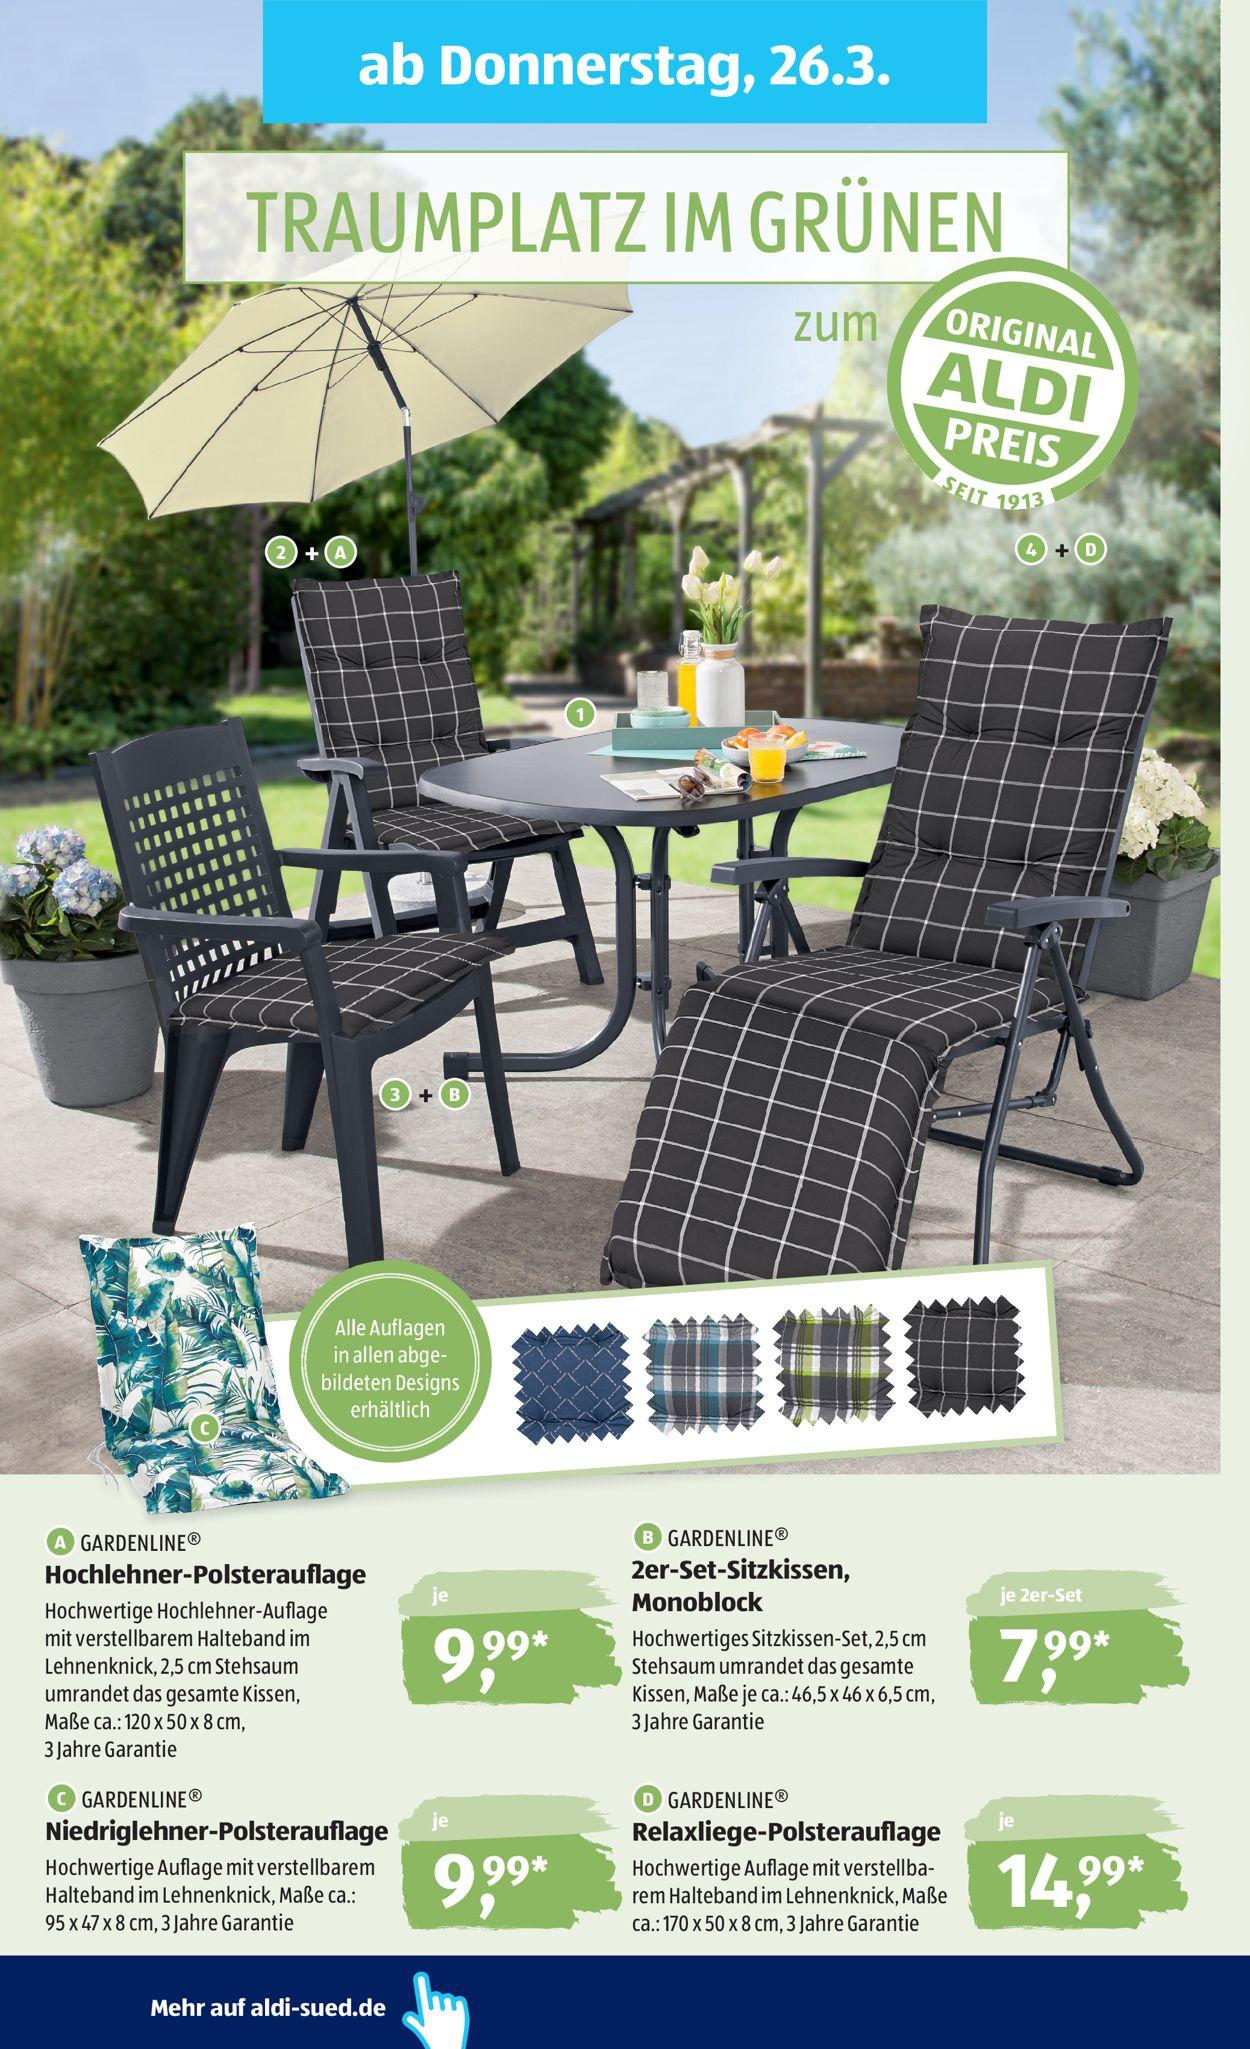 Full Size of Aldi Gartenliege 2020 Sd Aktueller Prospekt 2303 28032020 32 Jedewoche Relaxsessel Garten Wohnzimmer Aldi Gartenliege 2020